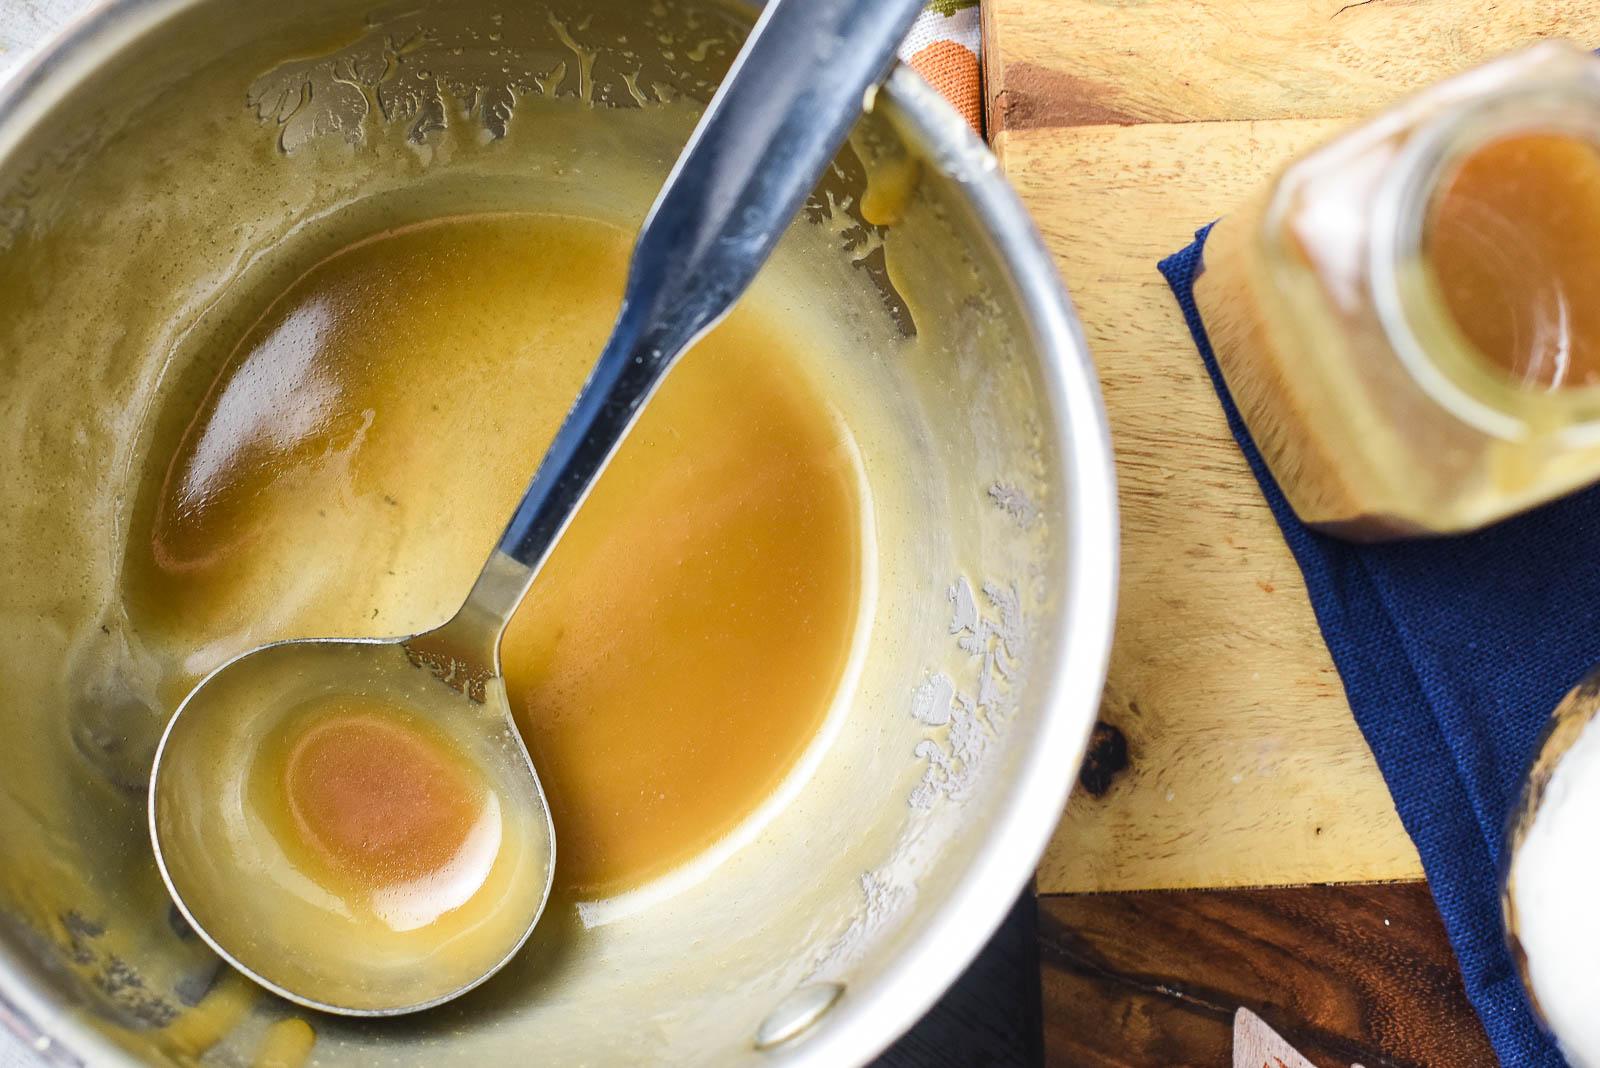 Shortcut Salted Caramel Sauce